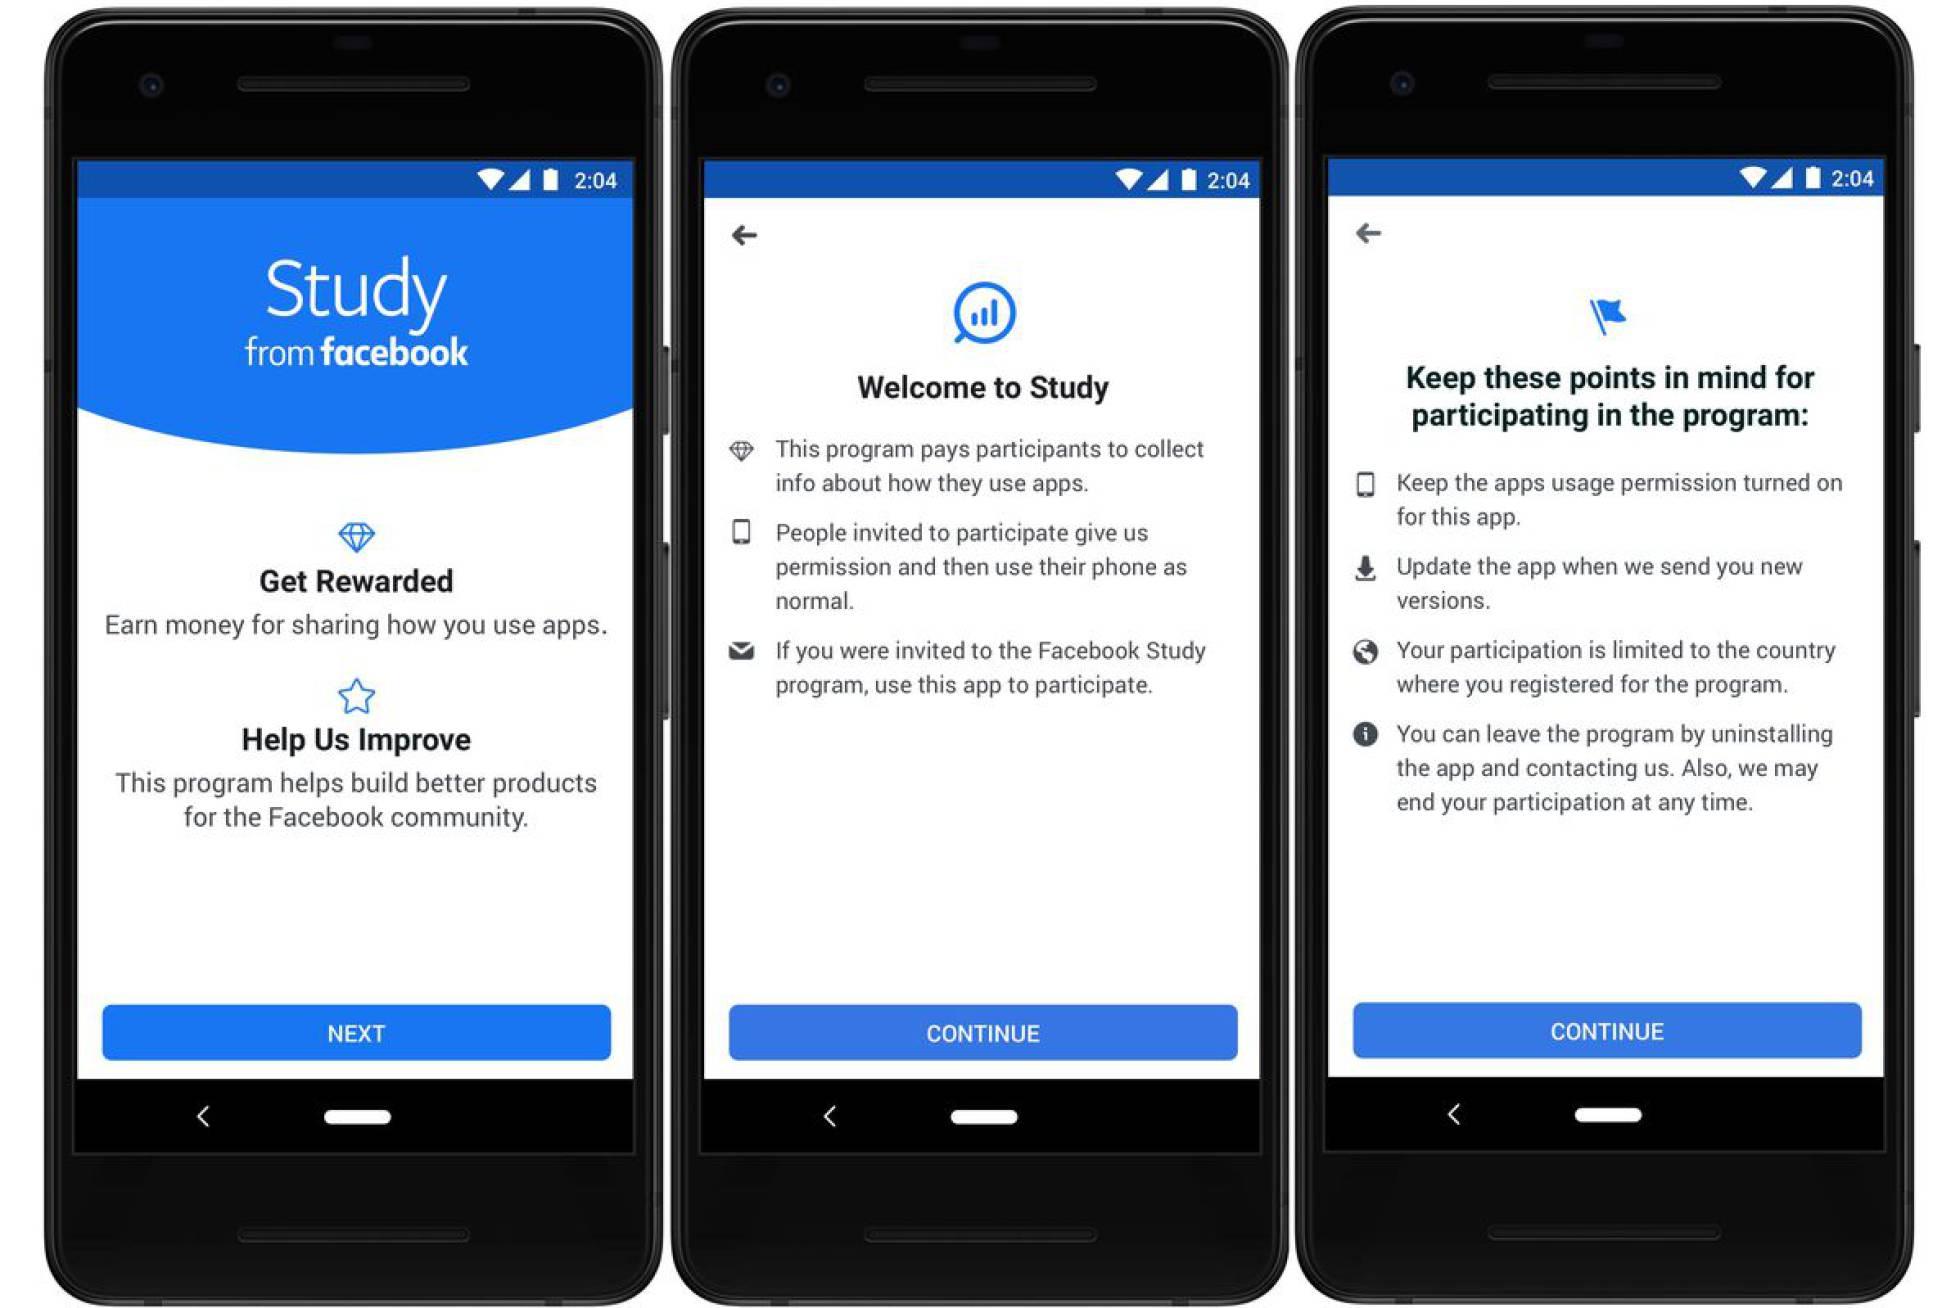 Facebook lanza una aplicación para acceder a los datos de los usuarios a cambio de dinero 1560347825_866607_1560348842_noticia_normal_recorte1